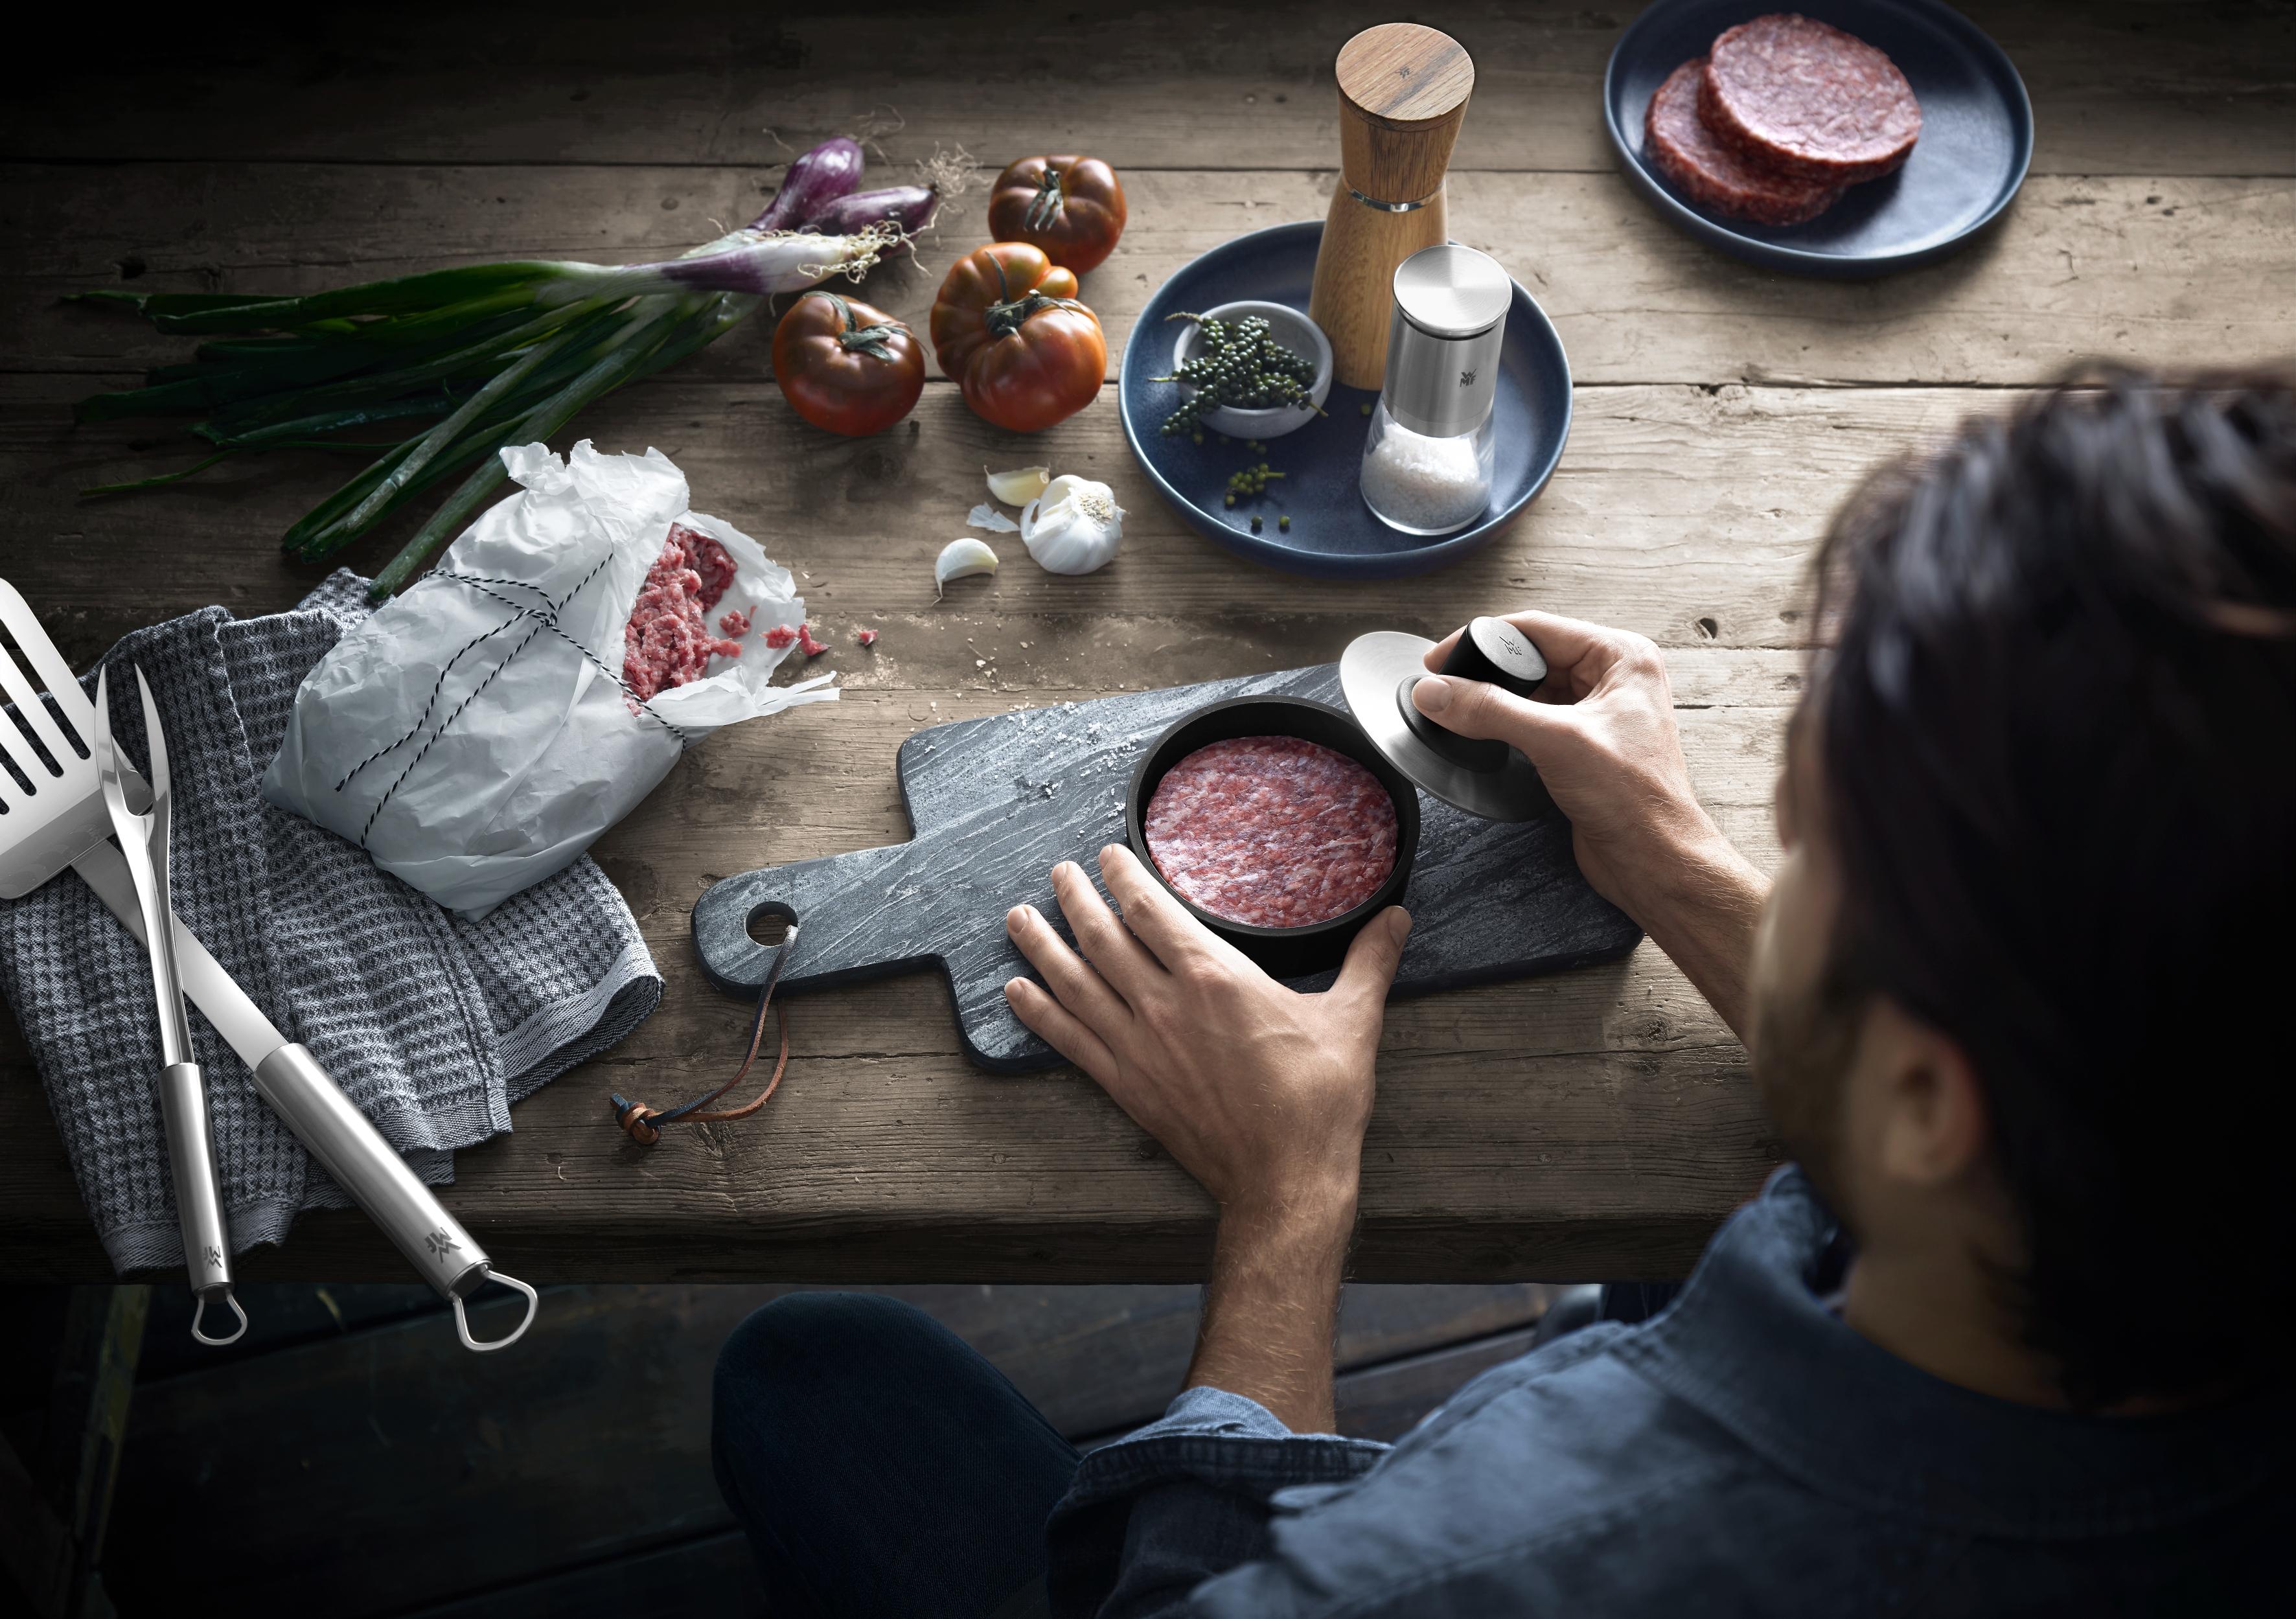 WMF Hamburger köftesi yapıcı: Mükemmel köfteler